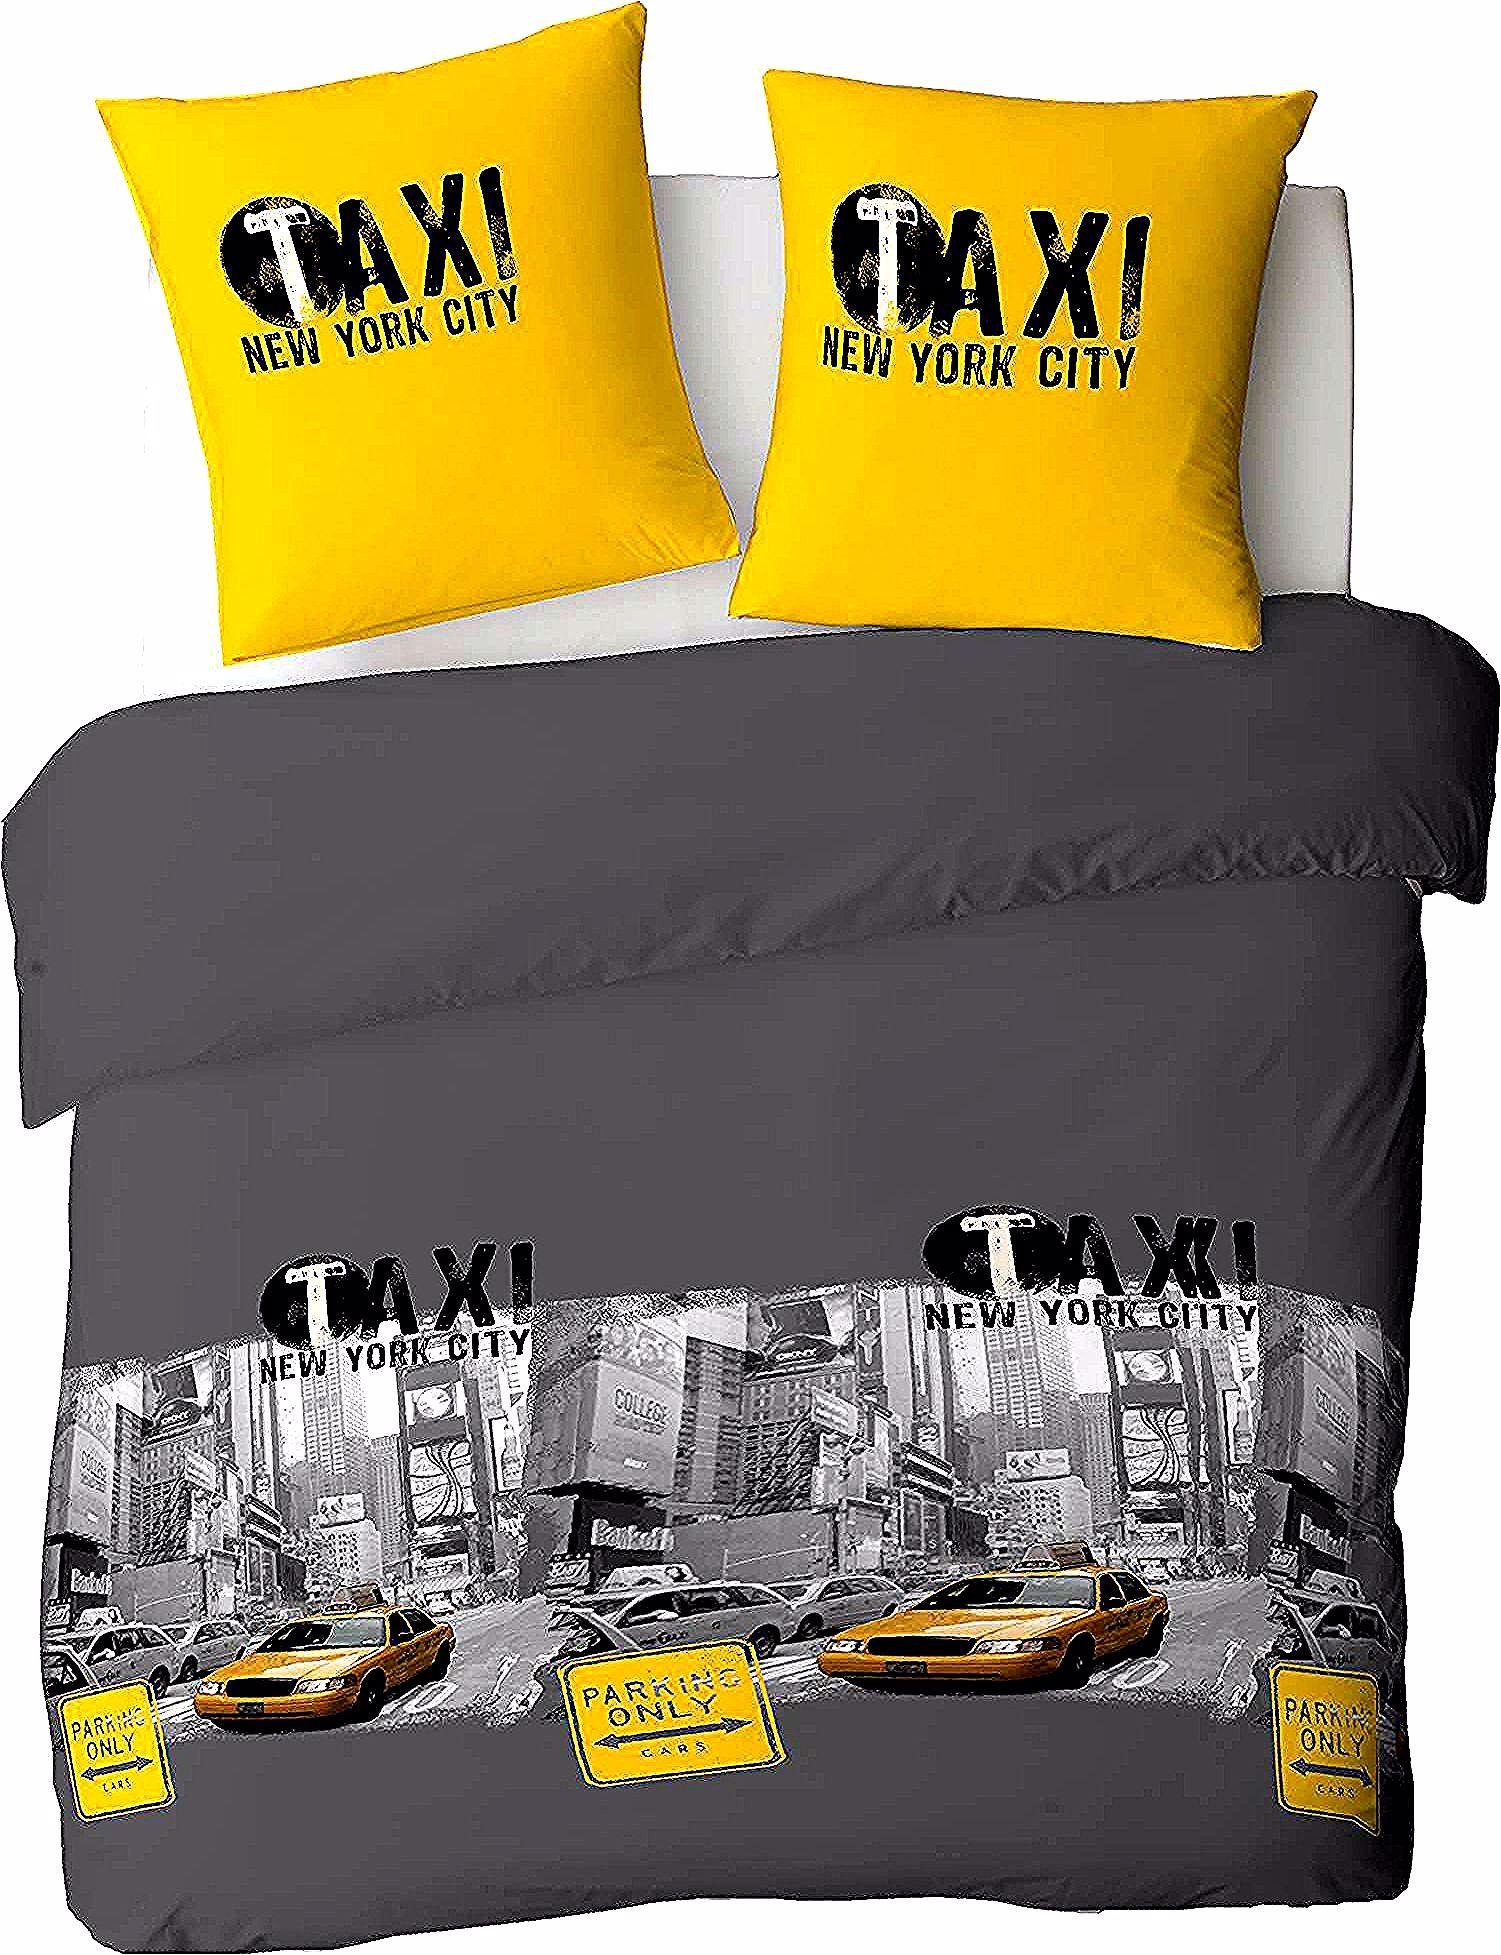 Housse De Couette New York 1 Personne Housse De Couette New York 1 Personne Housse De Couette New York 1 Personne En Solde Un Choix U Bed Pillows Bed Pillows